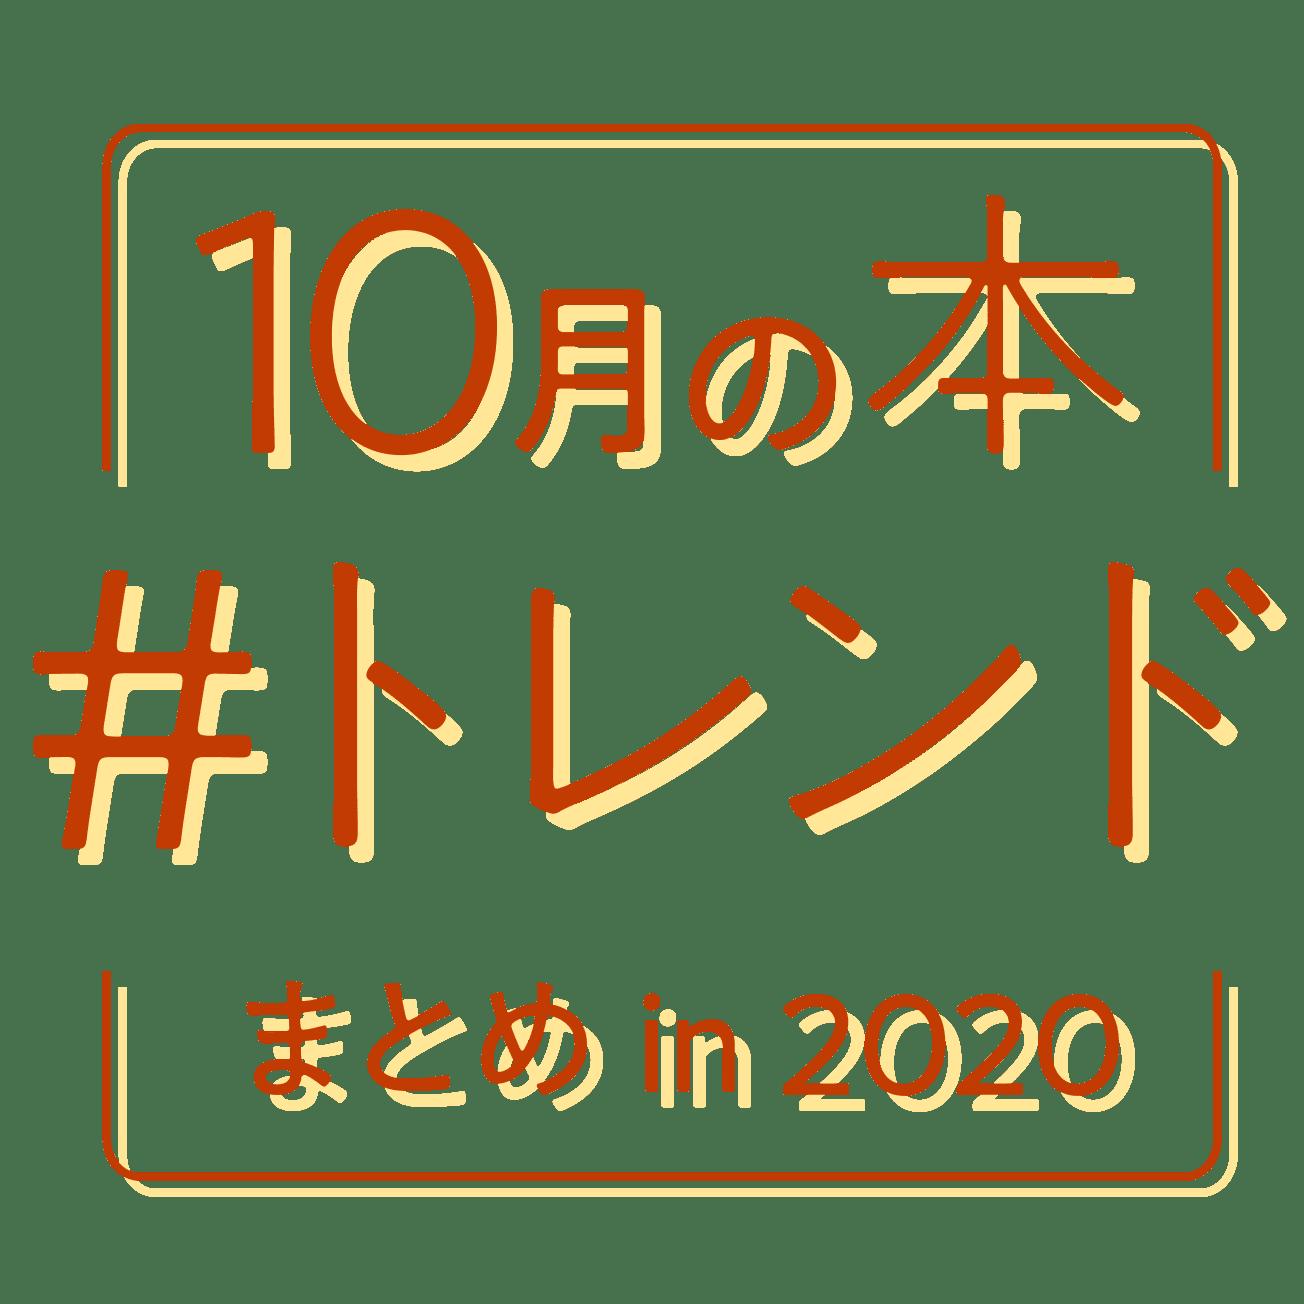 10月の本#トレンドまとめin2020